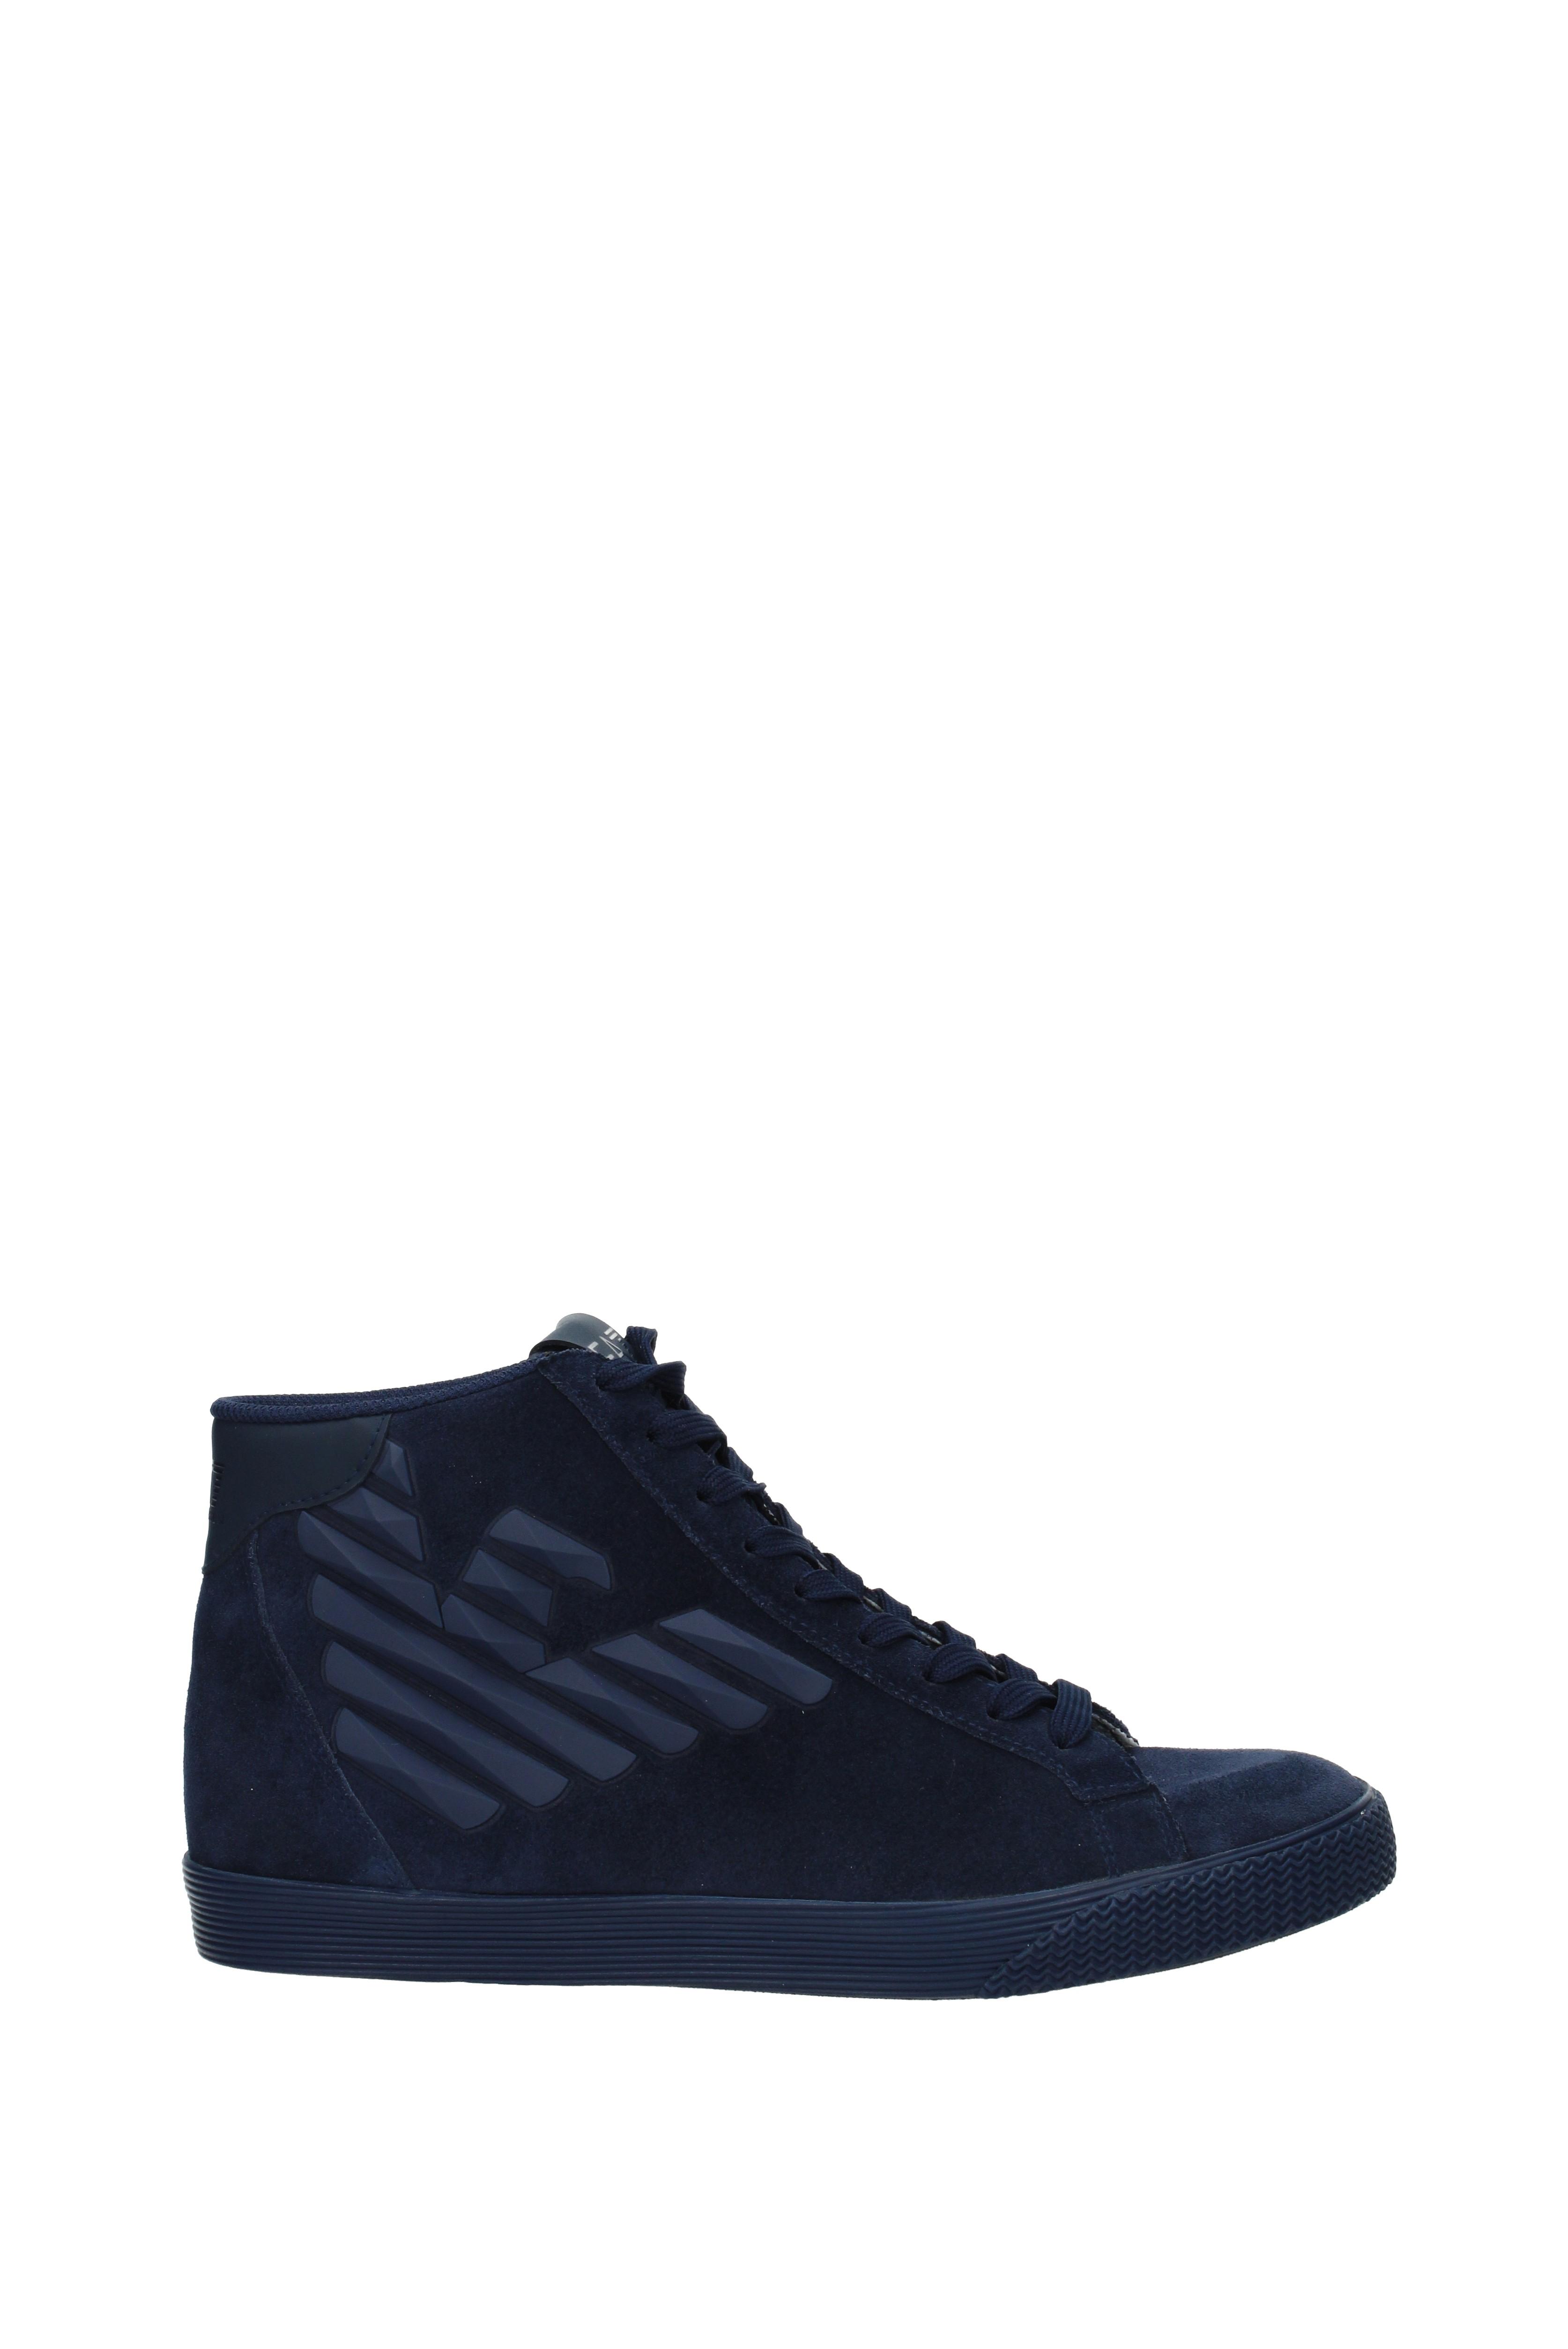 Sneakers Armani Emporio pride Wildleder ea7 Herren - Wildleder pride (2480107A299) 044f77